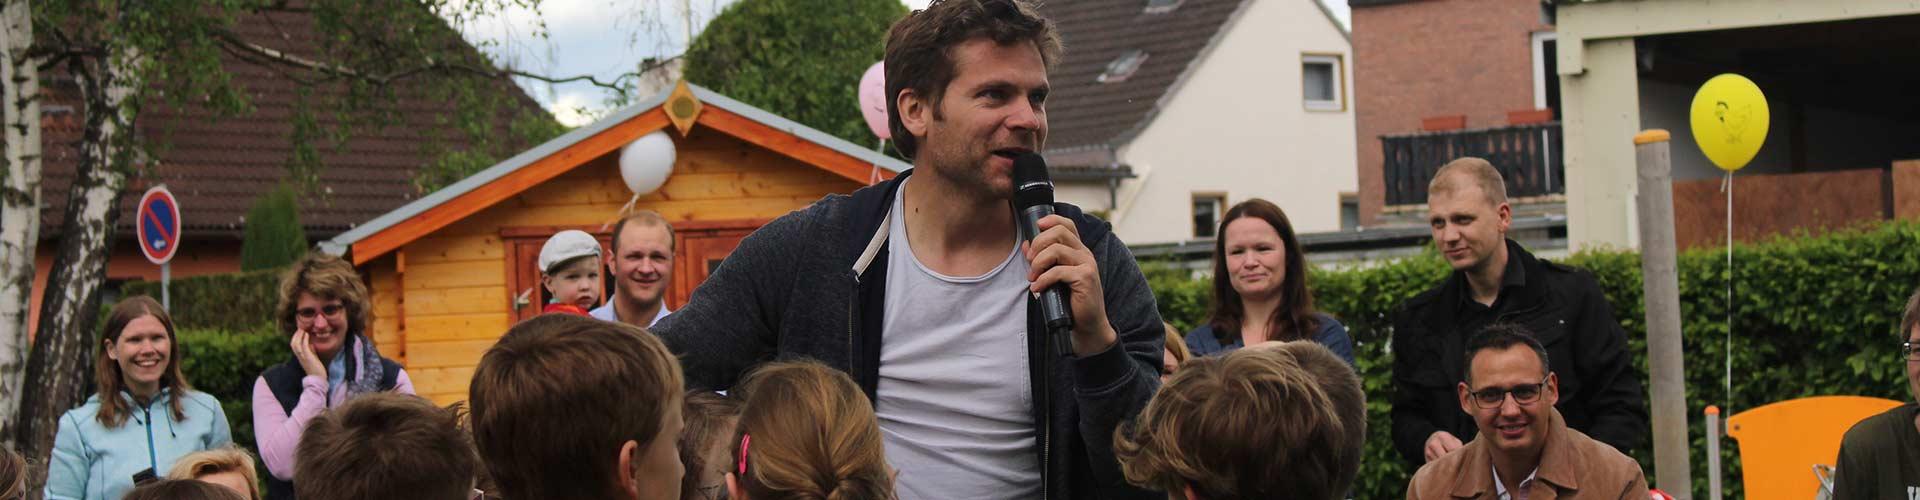 Kindermusiker aus der Eifel ♫ Uwe Reetz ♫ Beim Outdoor Auftritt